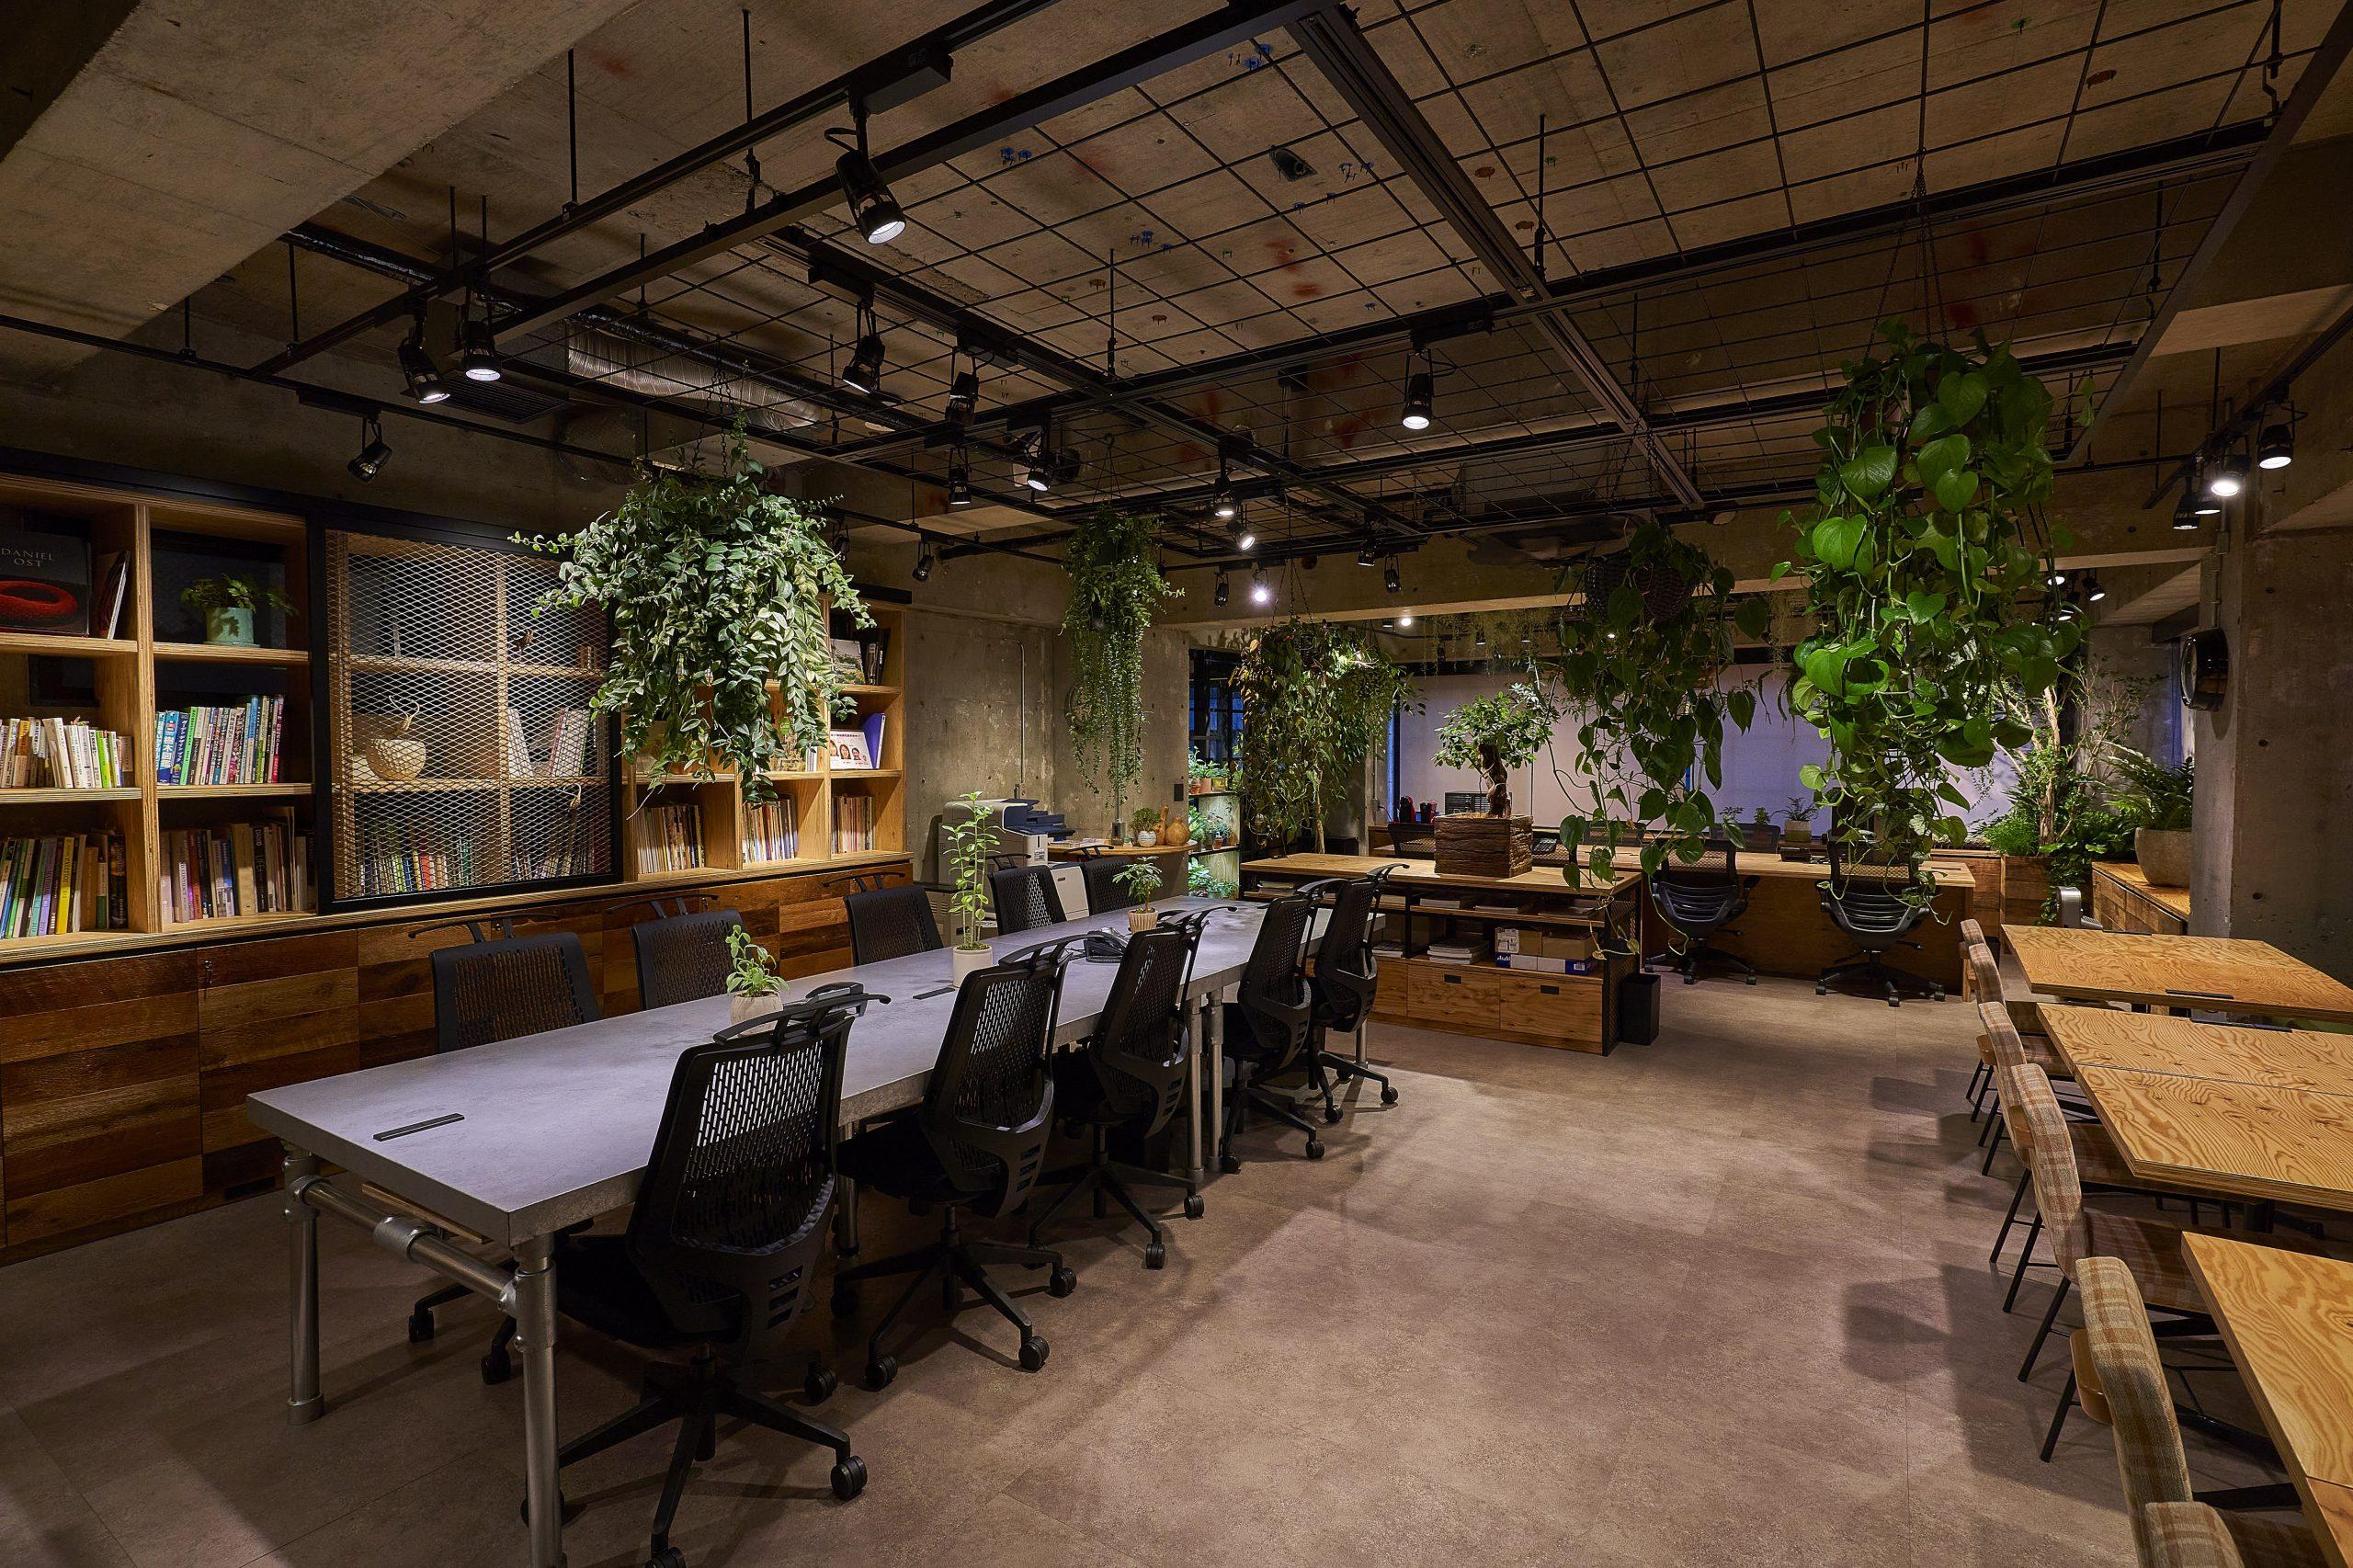 株式会社ユニバーサル園芸社〜植物がある日常を普遍的に